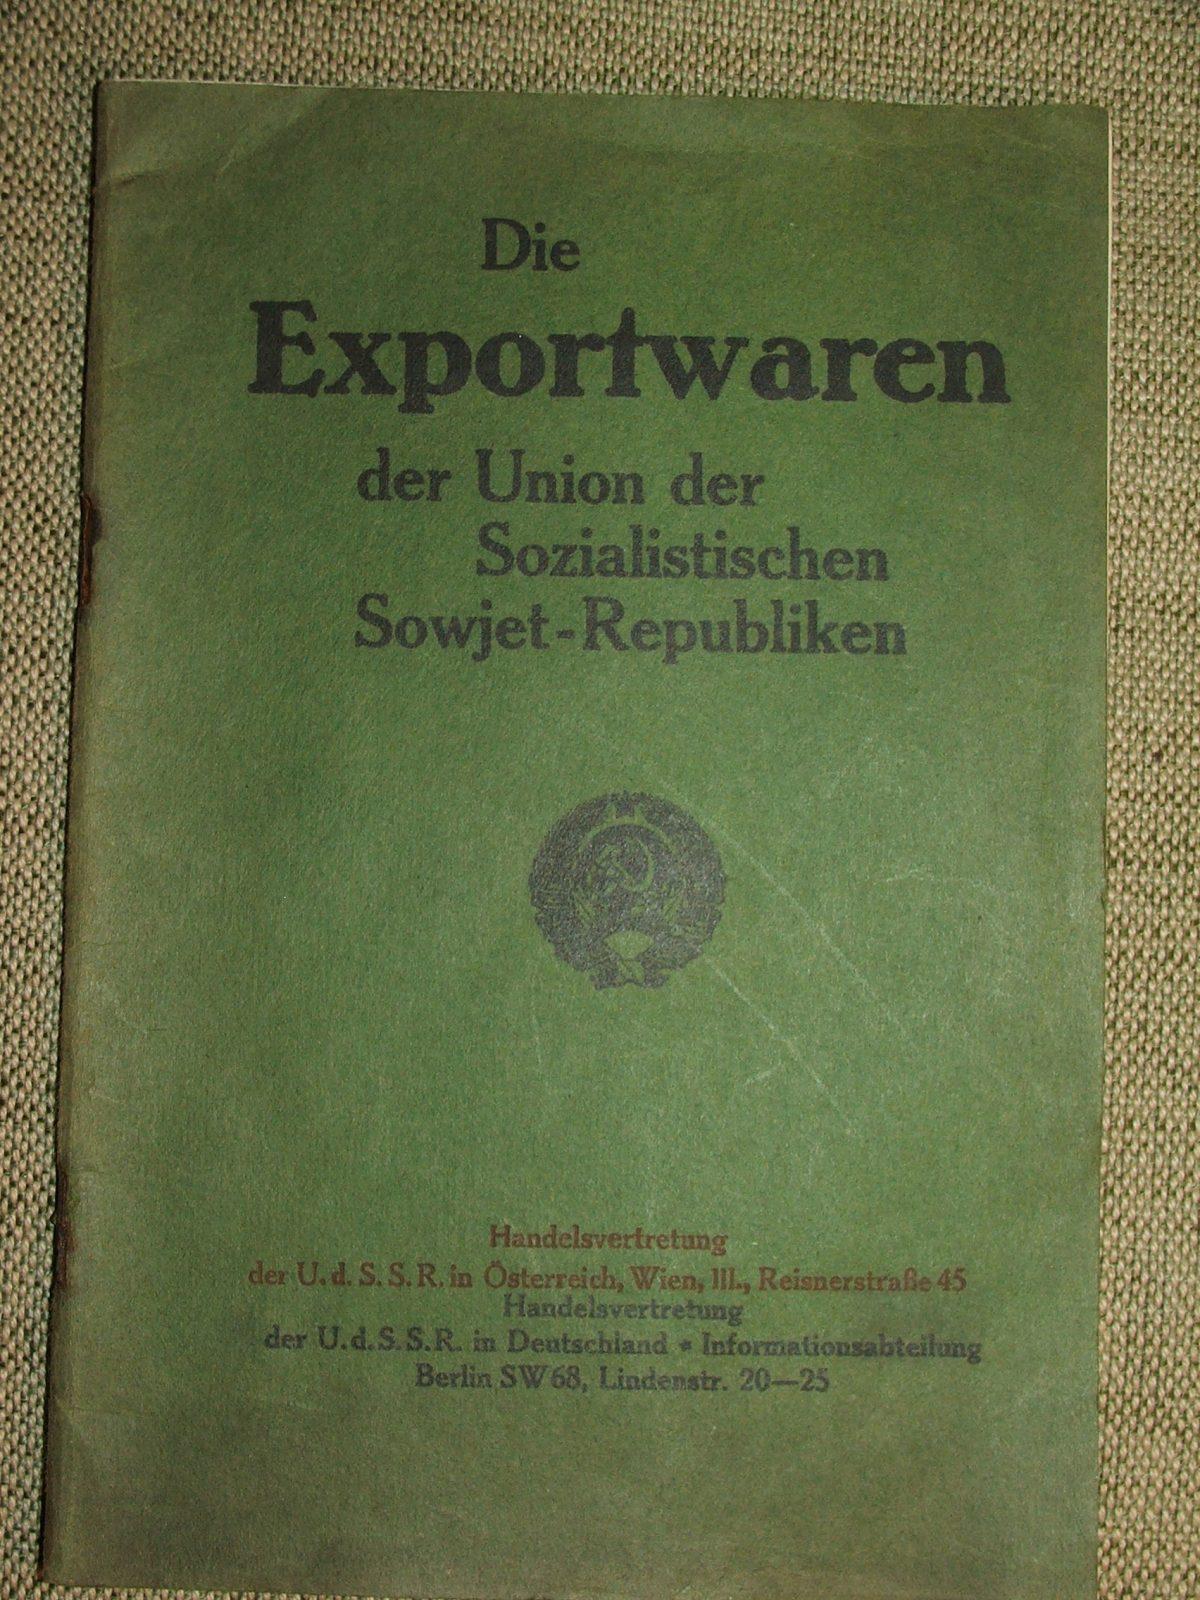 Die Exportwaren der Union der Sozialistischen Sowjet-Republiken